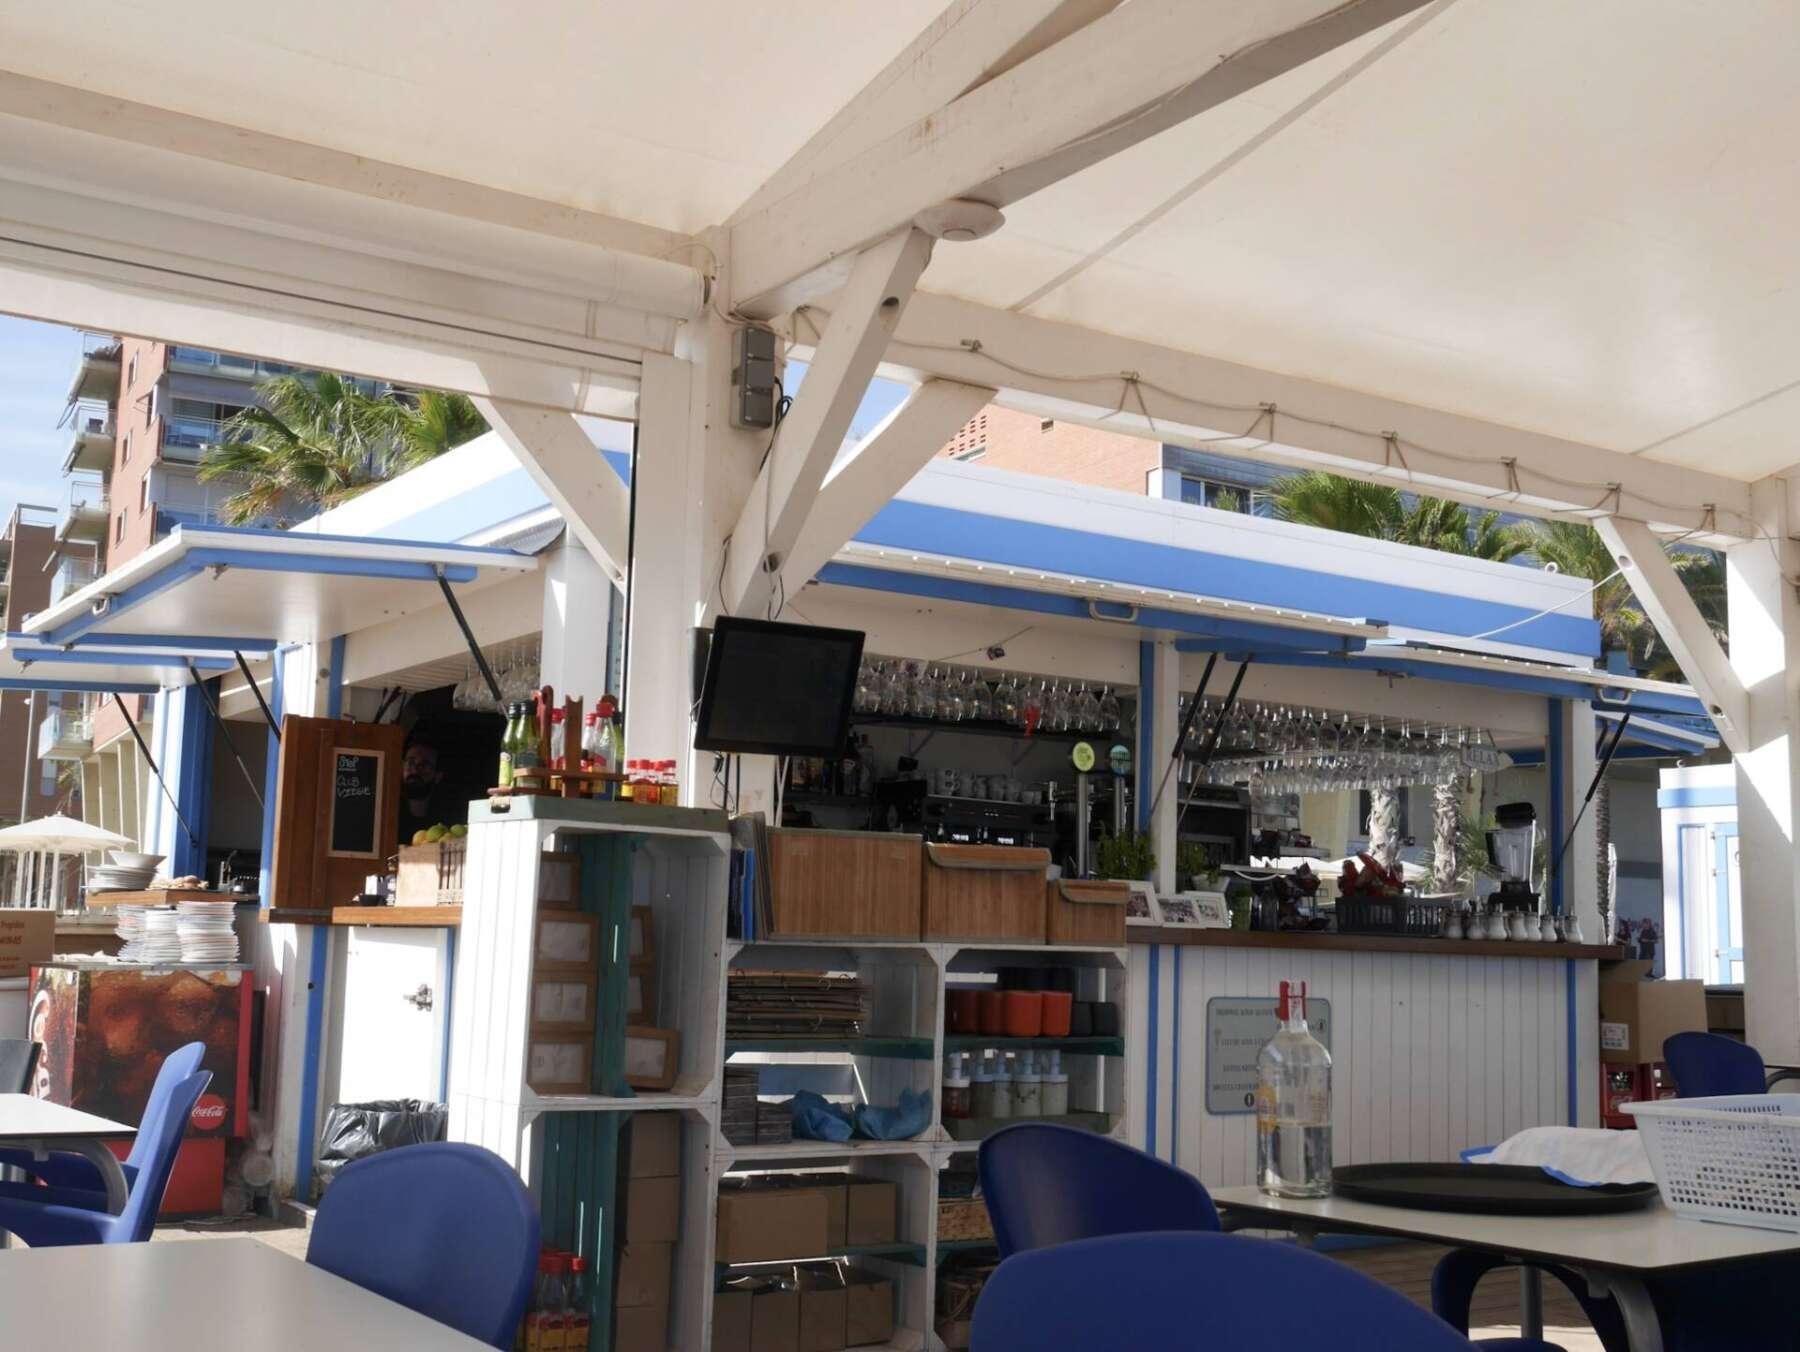 ร้านอาหาร บาดาโลนา (Badalona)